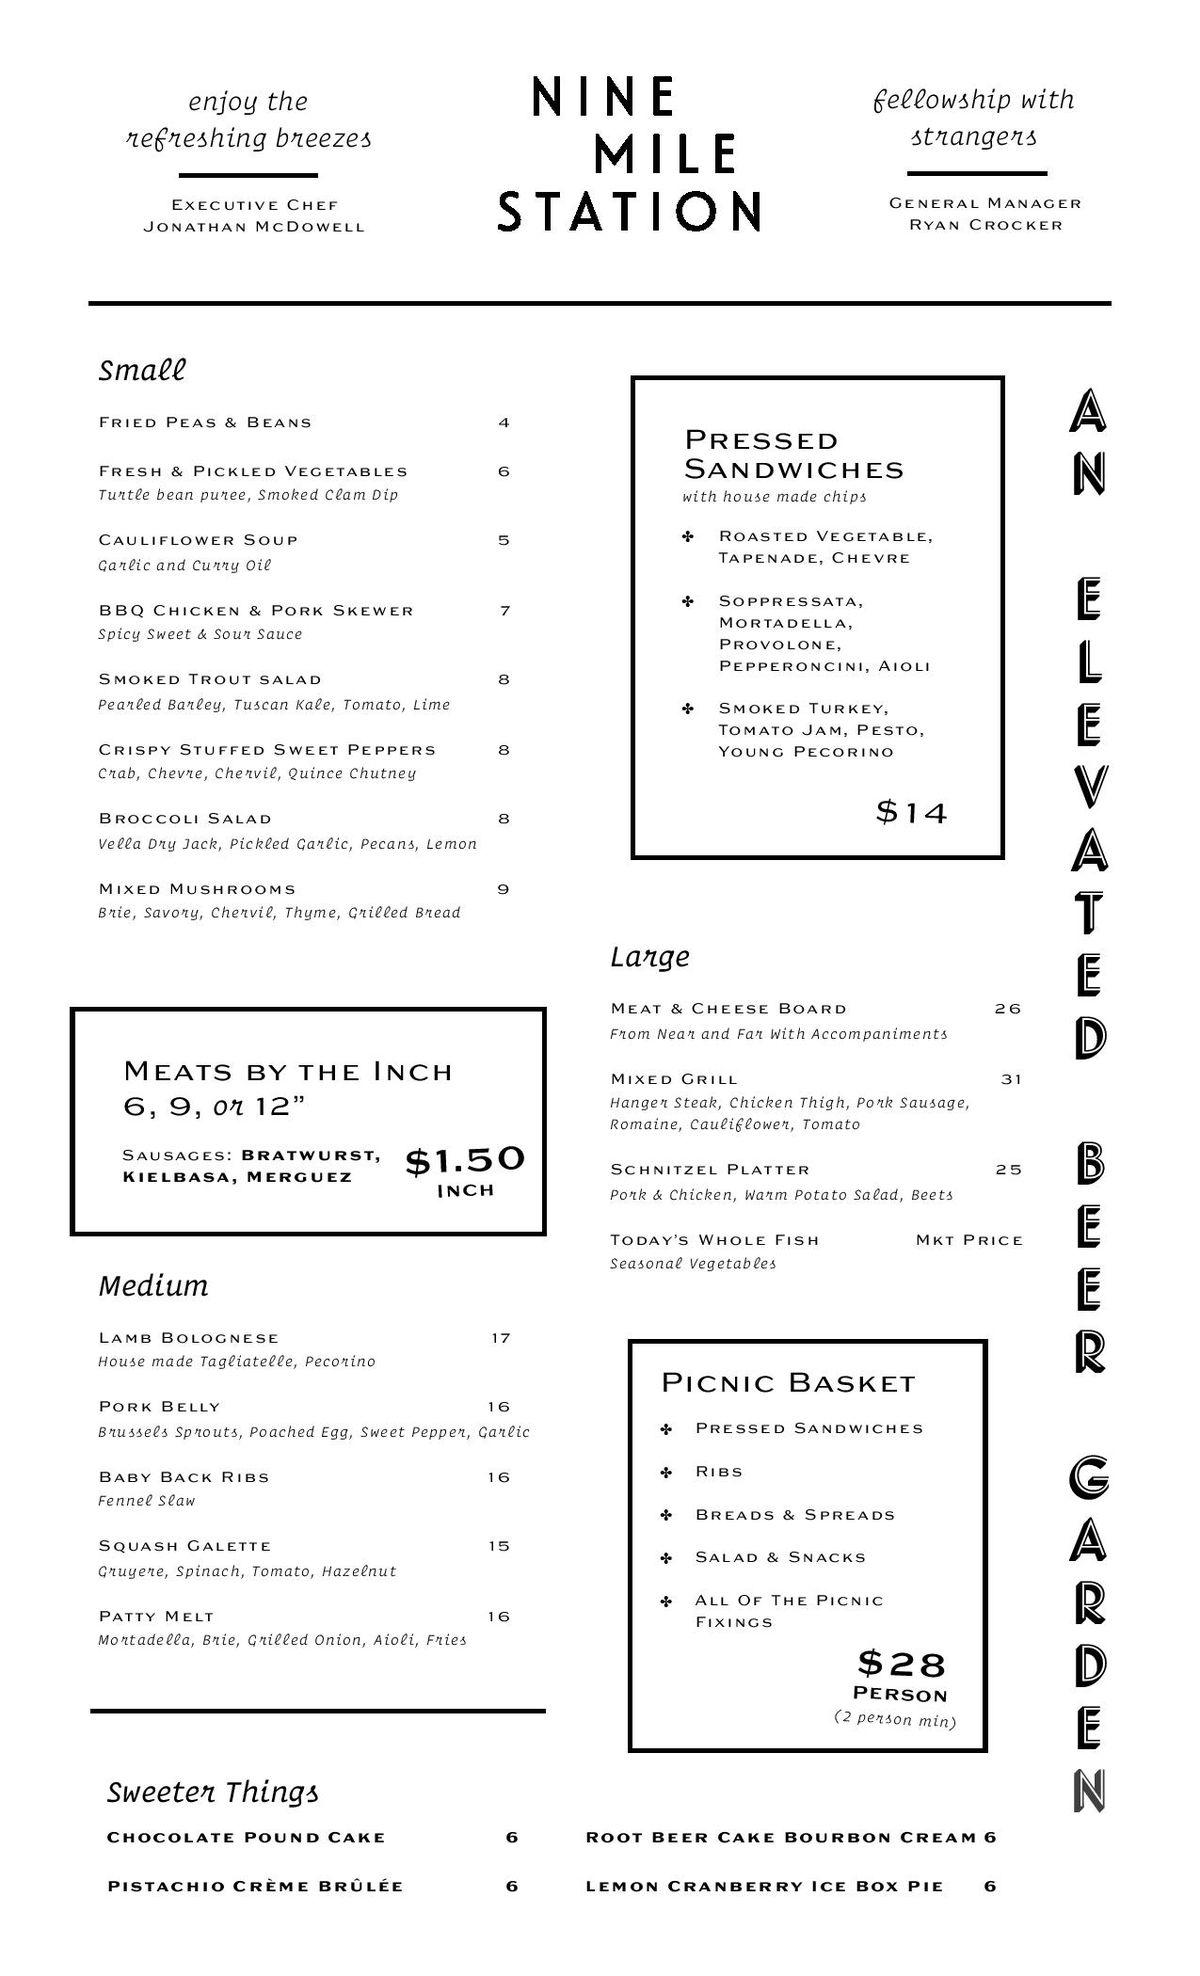 Nine Mile Station food menu